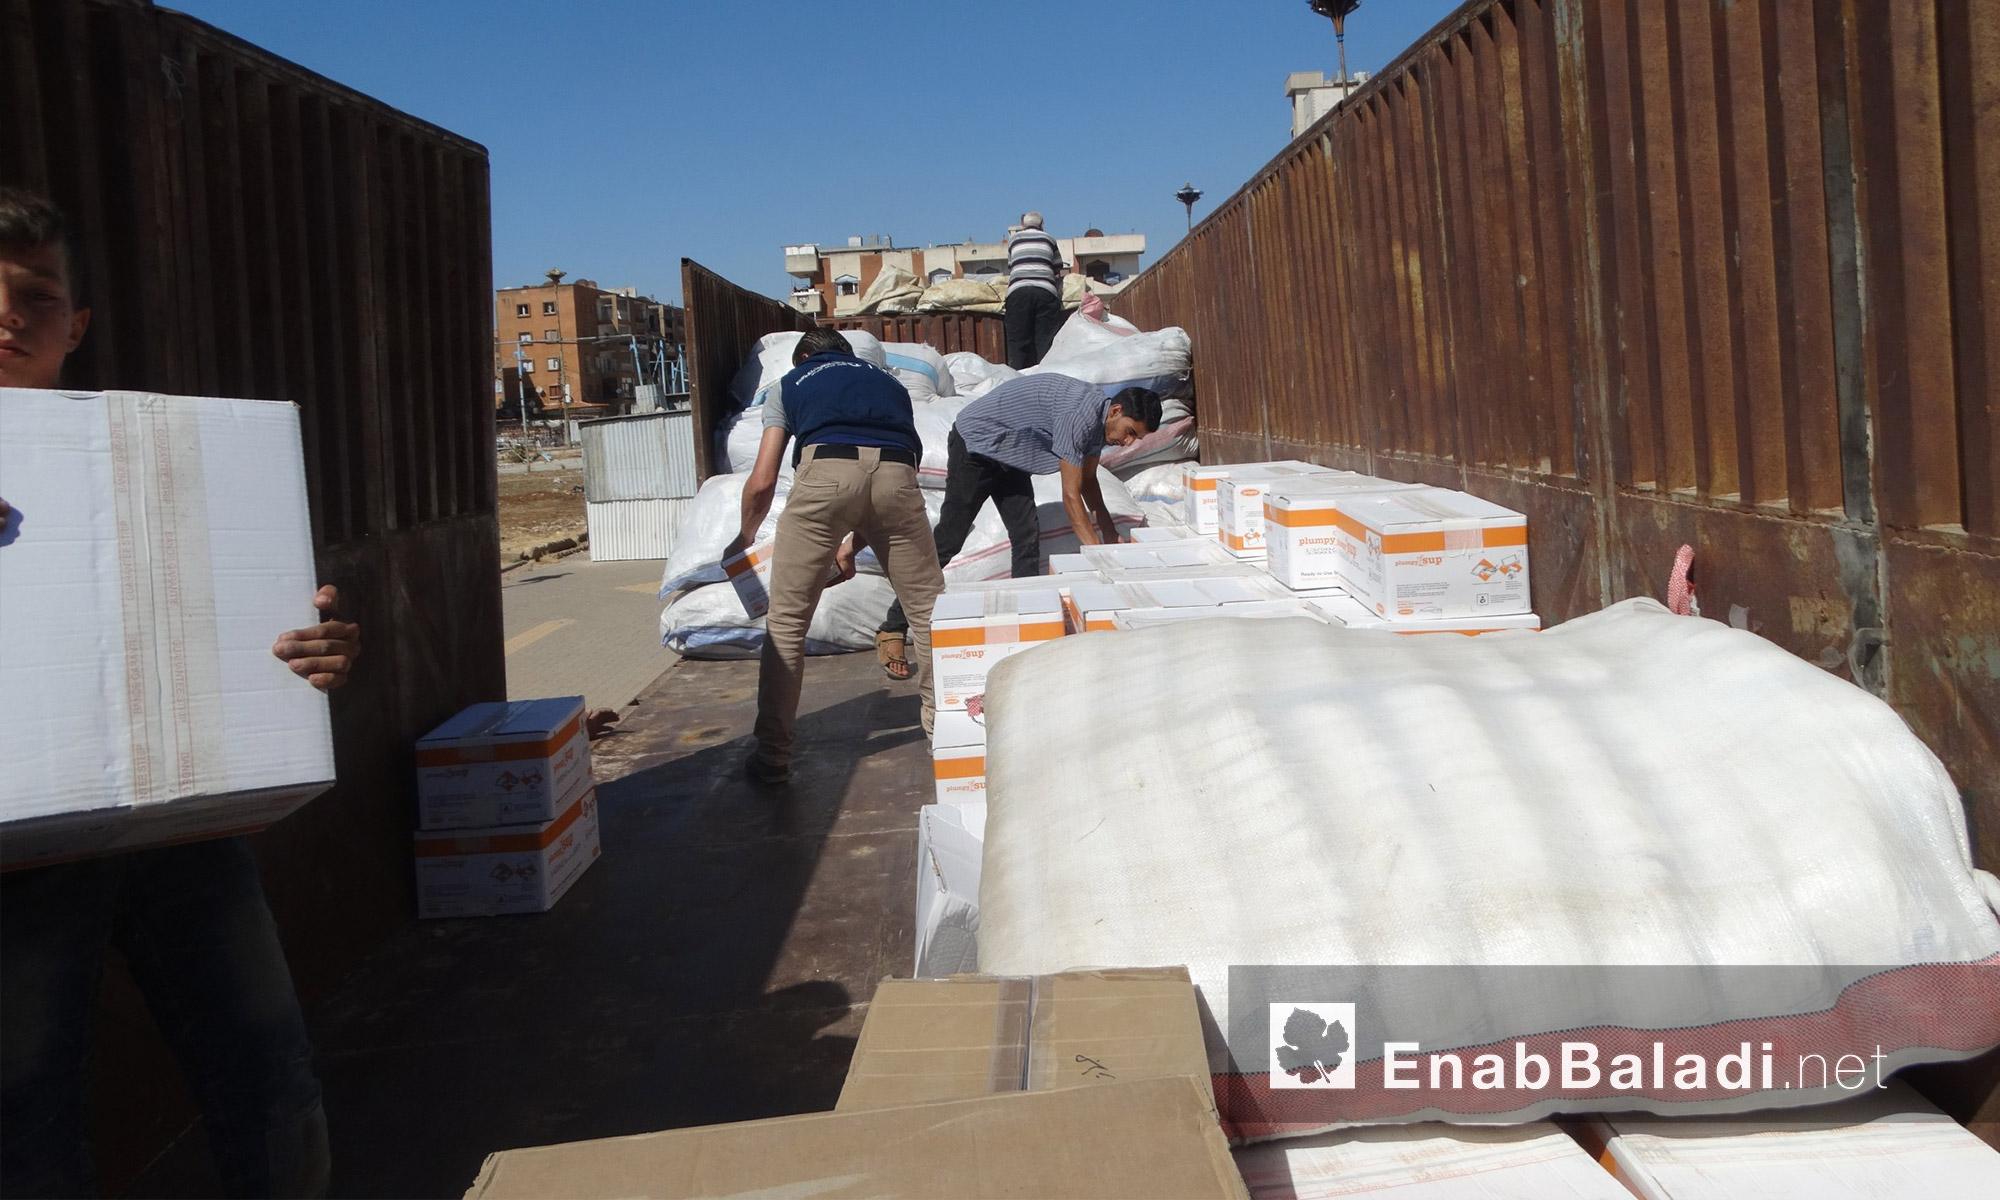 أكياس الطحين داخل قافلة مساعدات حي الوعر المحاصر - الخميس 14 تموز (عنب بلدي)